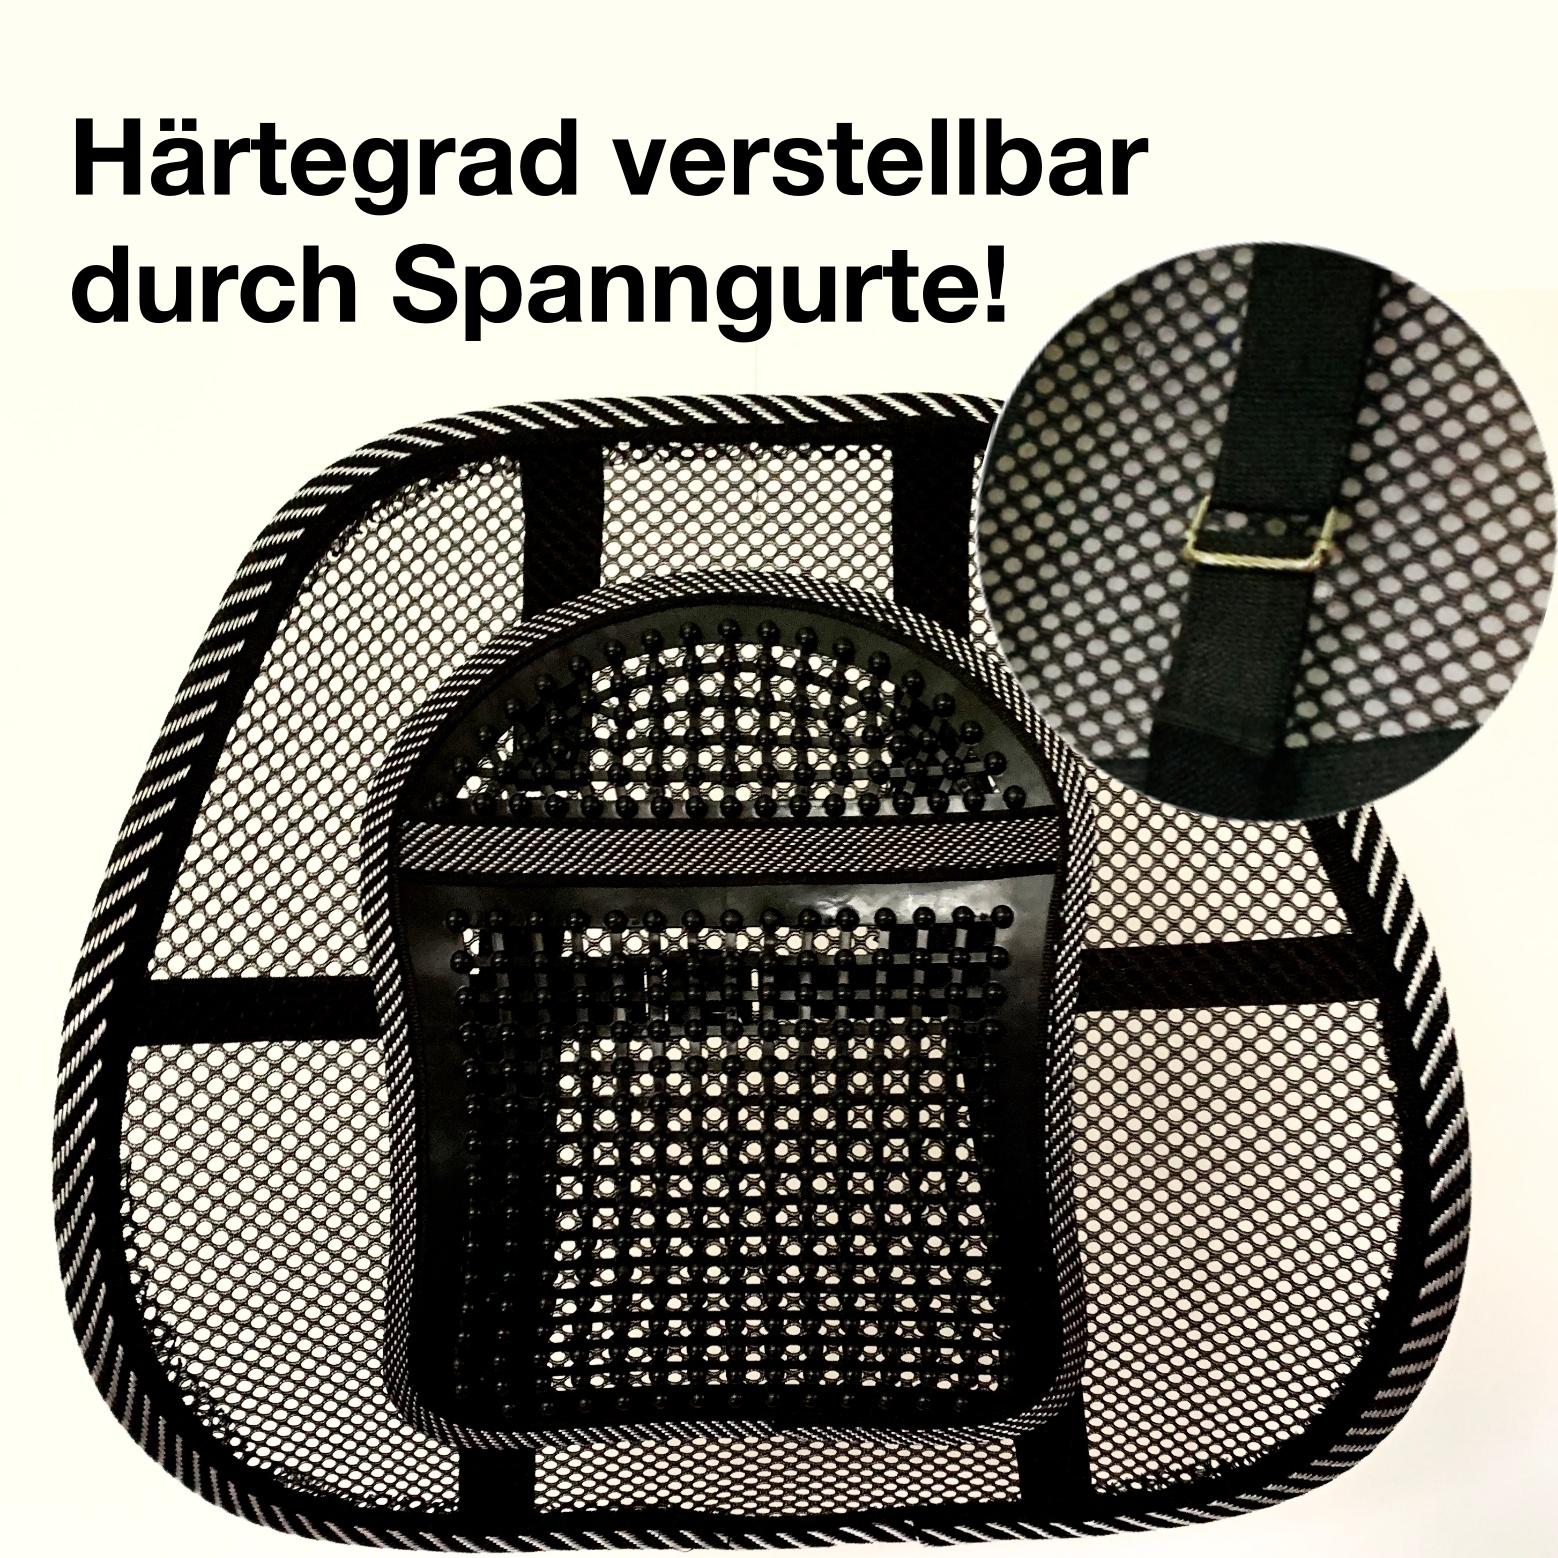 Lordosenstütze Pro 3.0 Schwarz-Weiß Ergonomisches Sitzen..